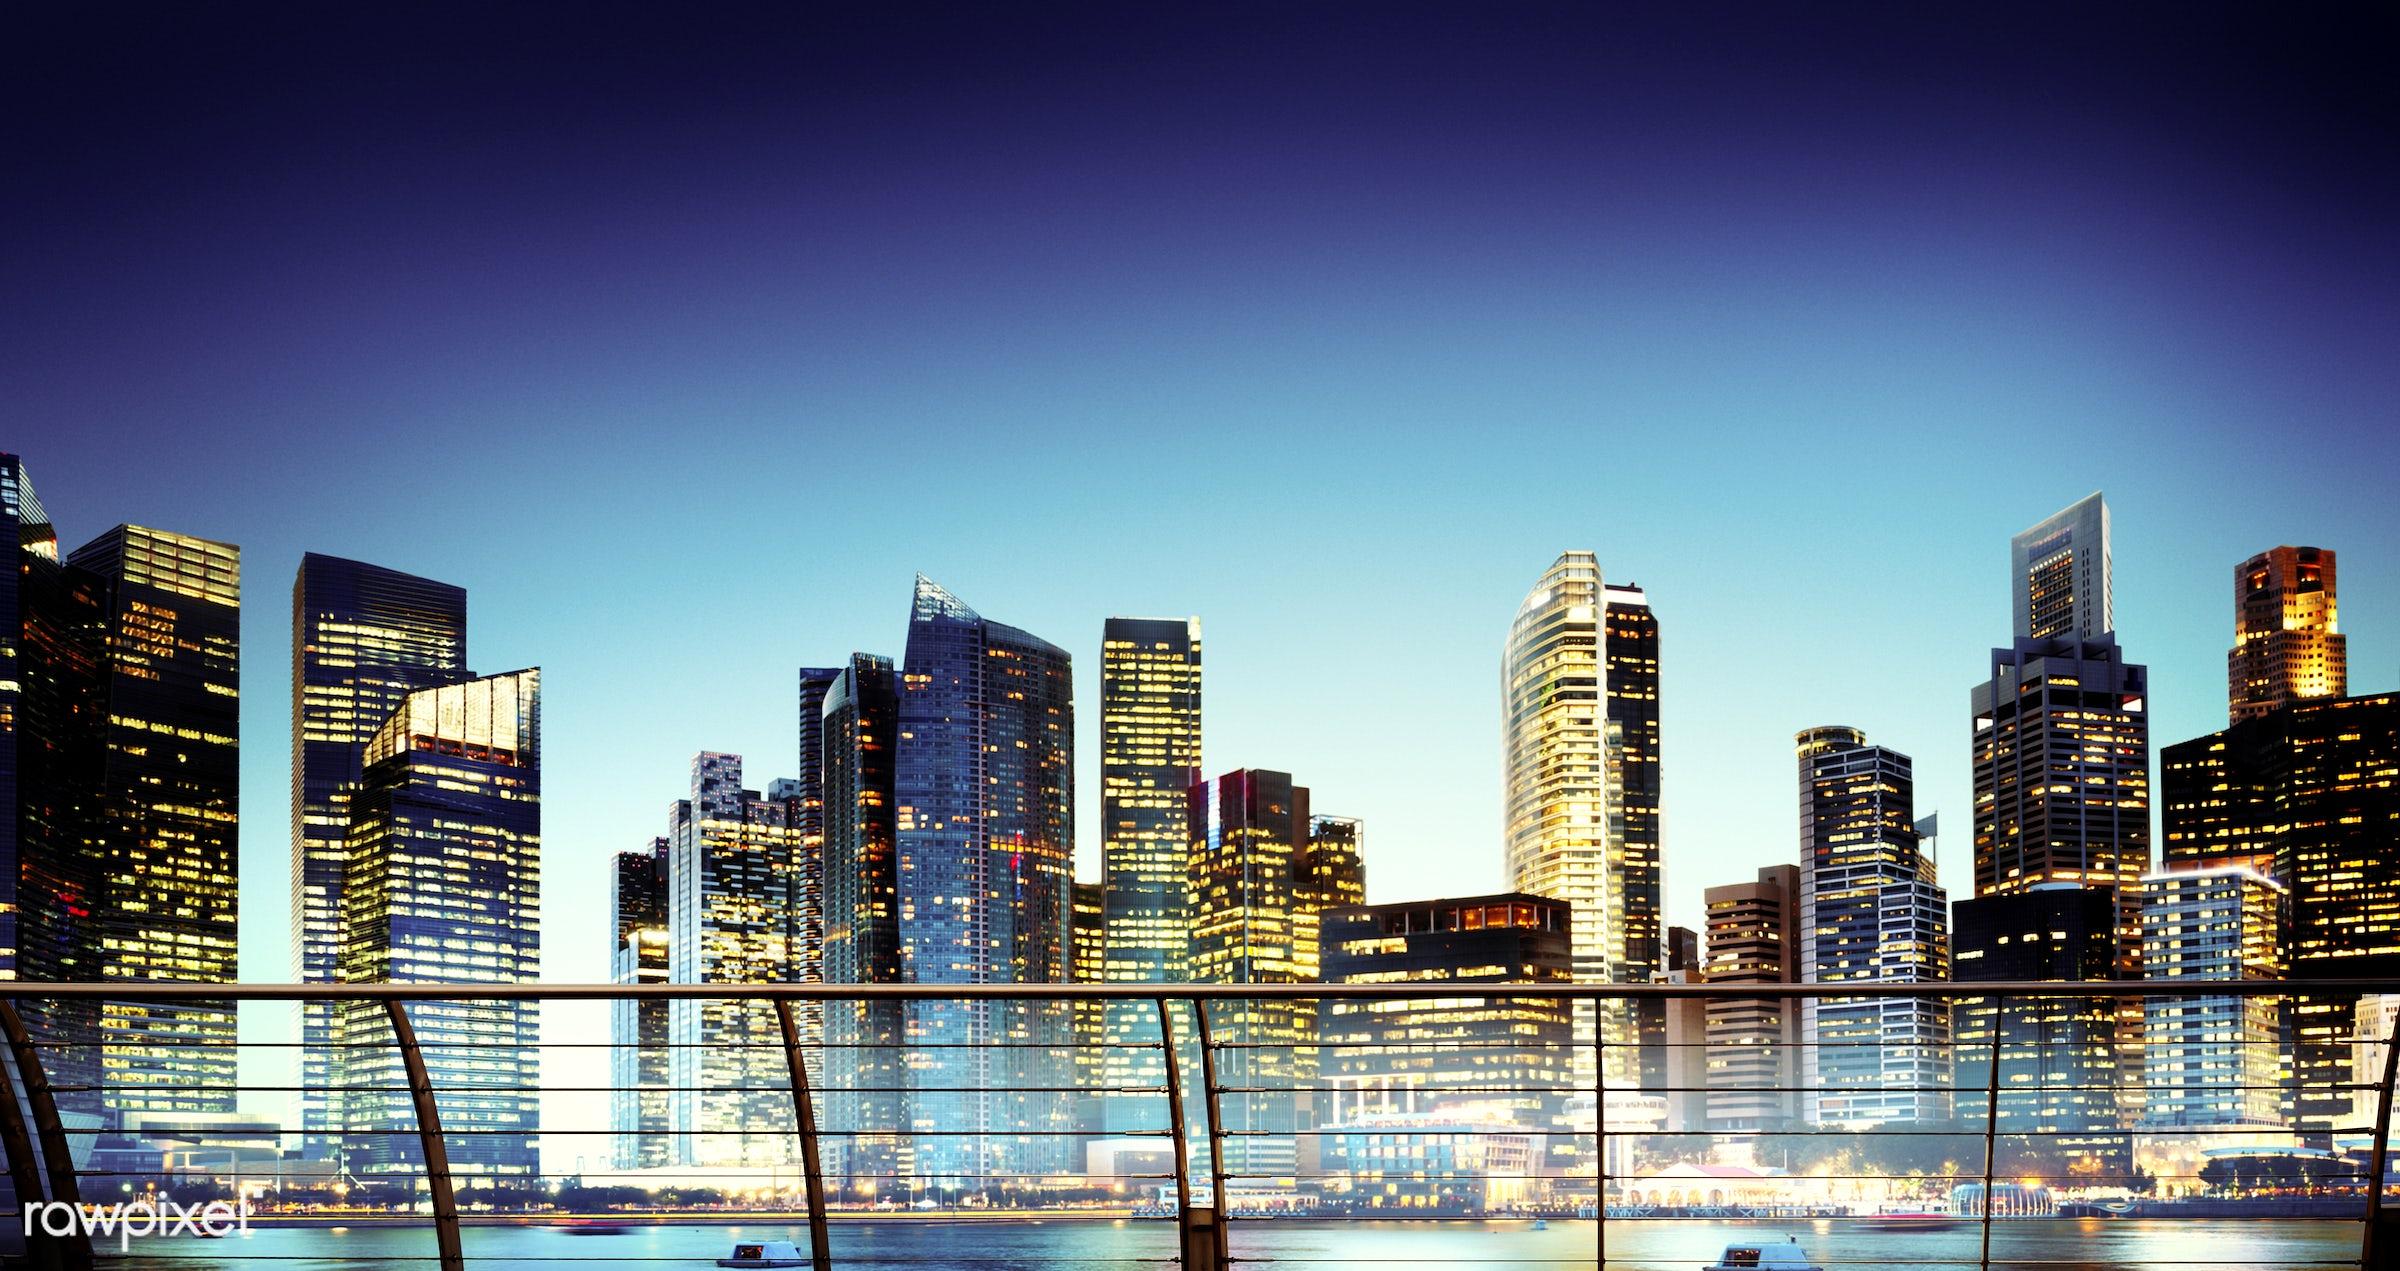 apartment, architecture, bright, building, business, business district, city, city buildings, city landscape, city scape,...